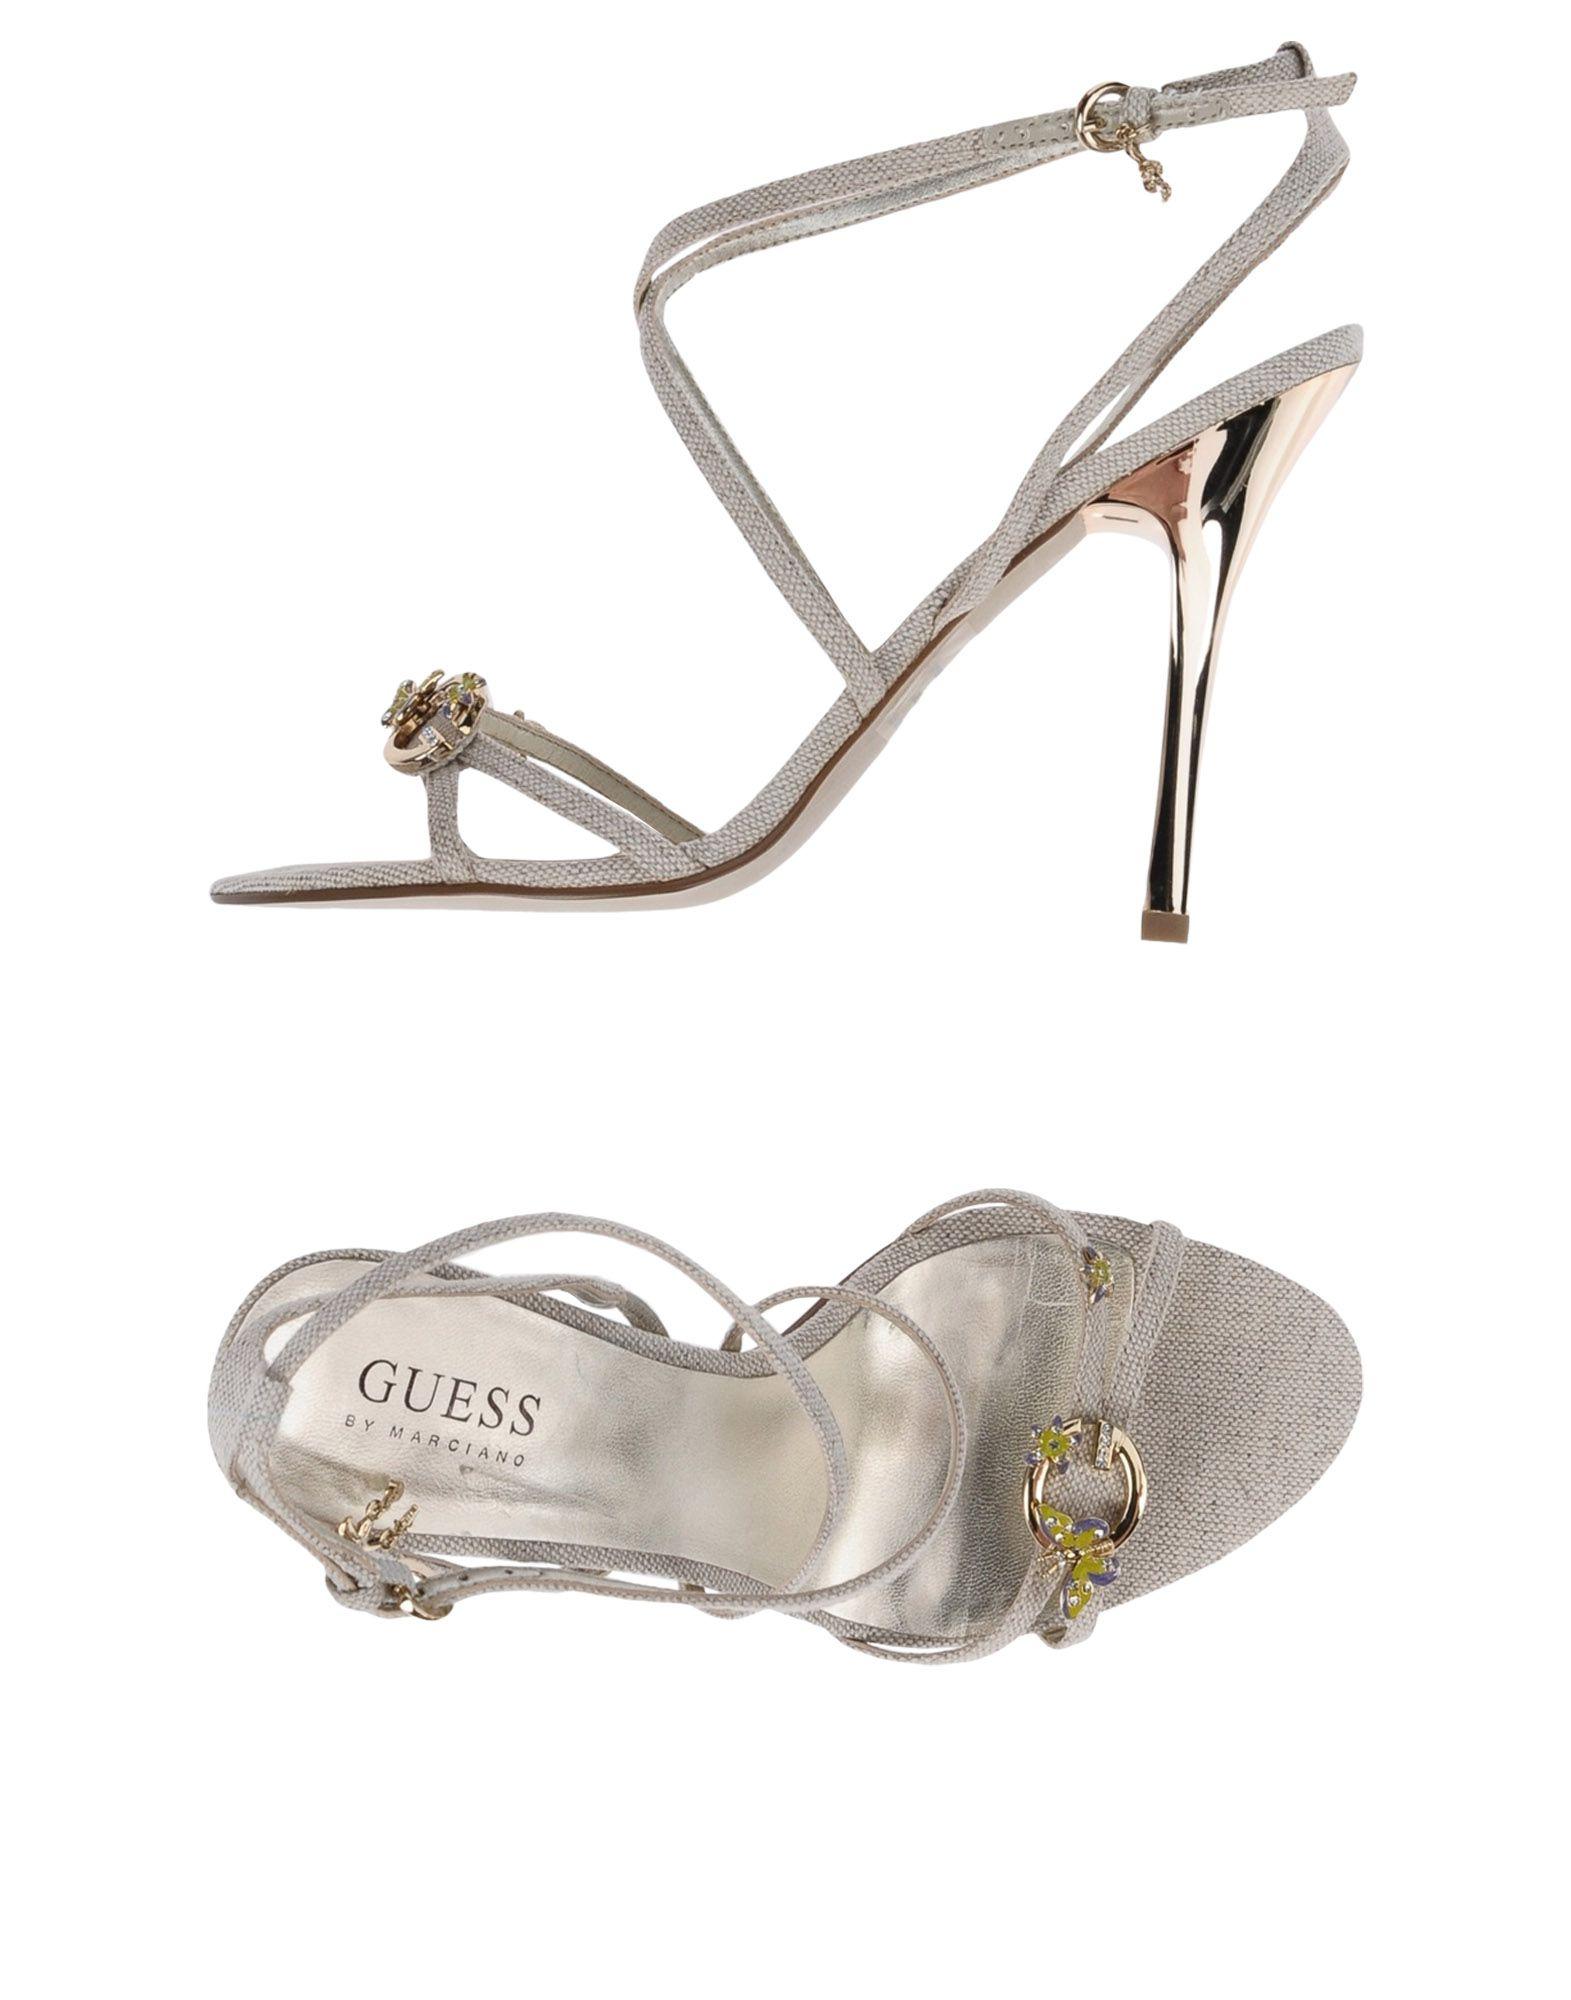 Guess 11505442CV By Marciano Sandalen Damen  11505442CV Guess Gute Qualität beliebte Schuhe 269fb3